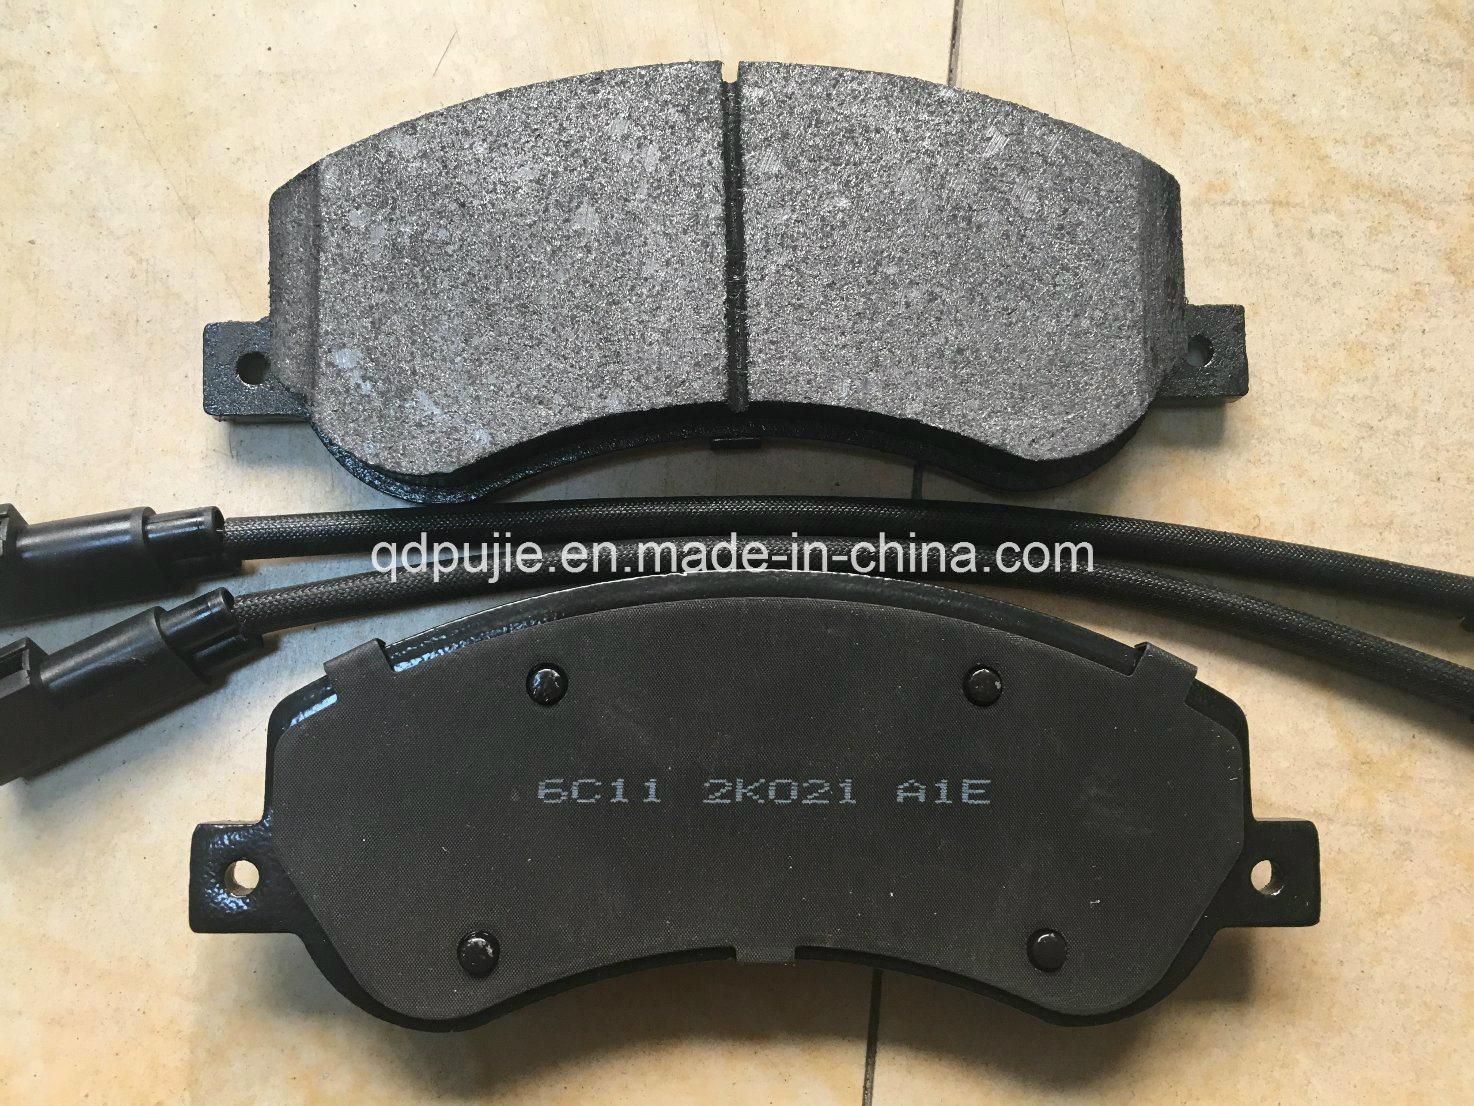 Car Brake Pads >> Hot Item Semi Metal Car Brake Pads For Vw